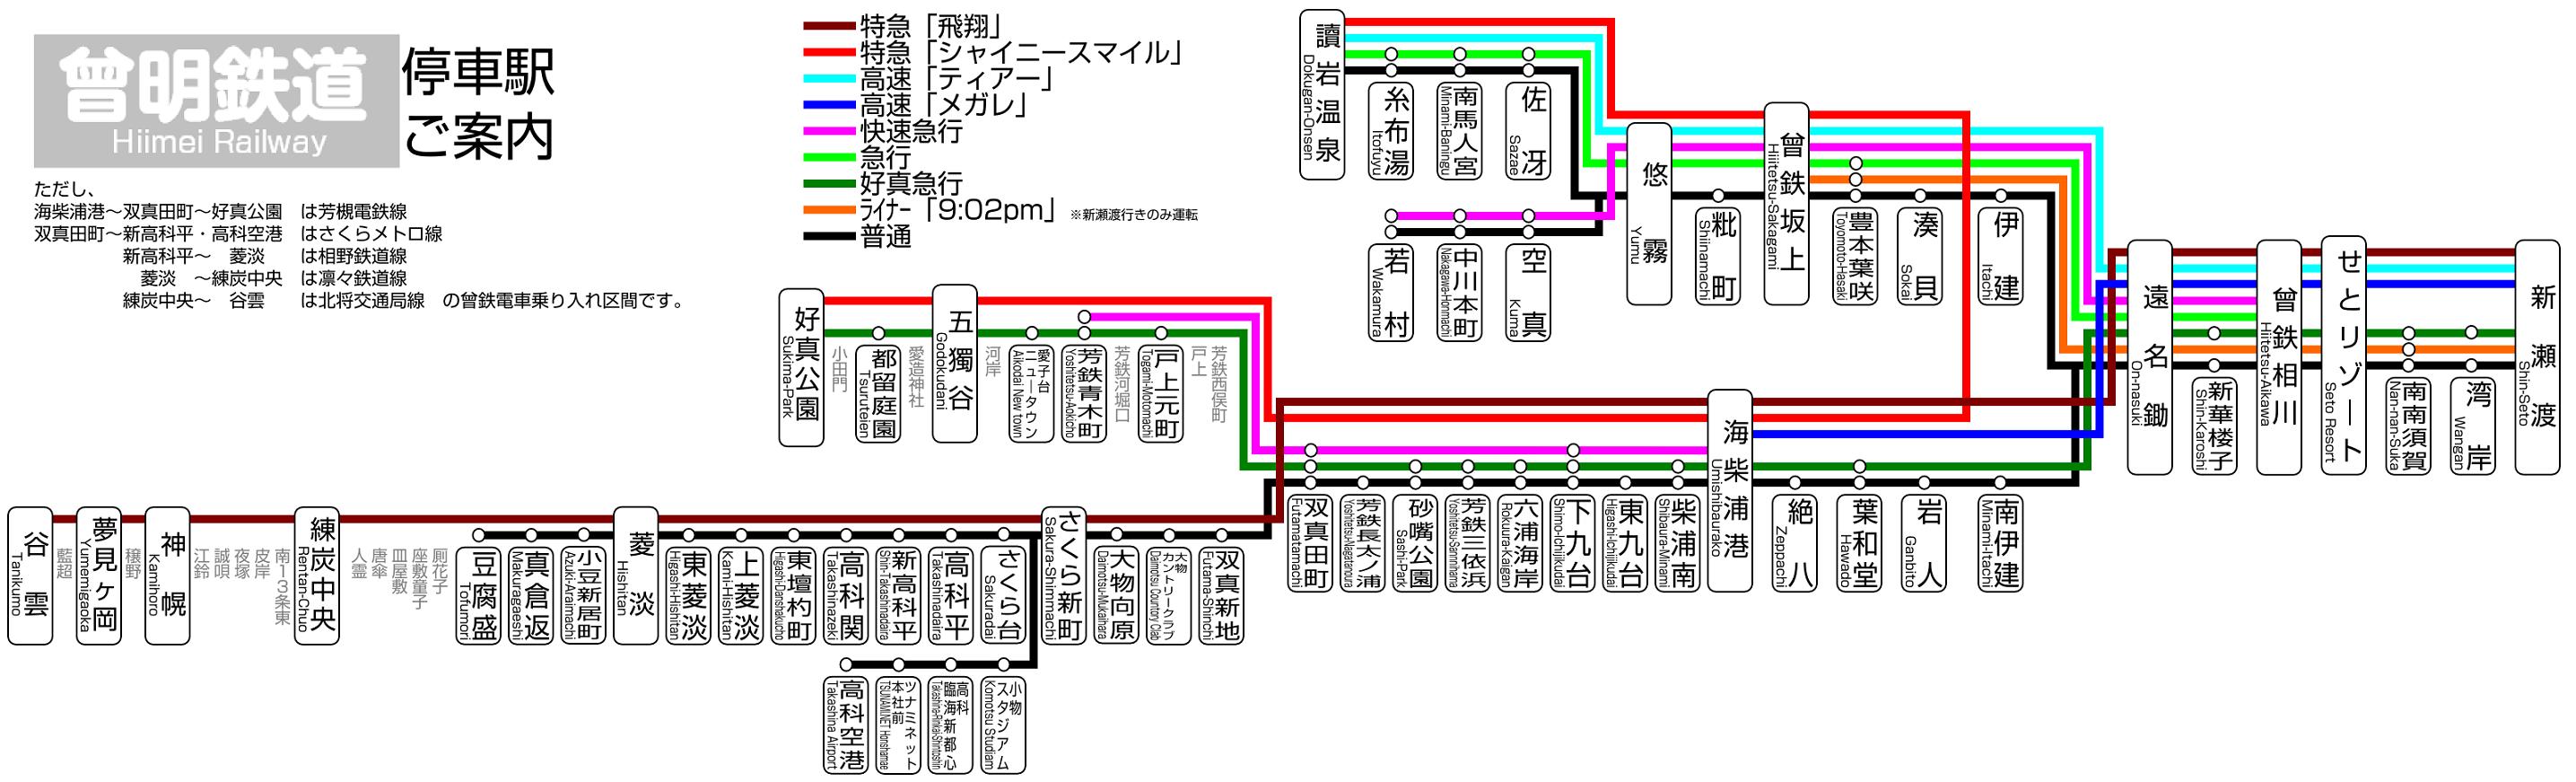 曾鉄路線図(第3期).png